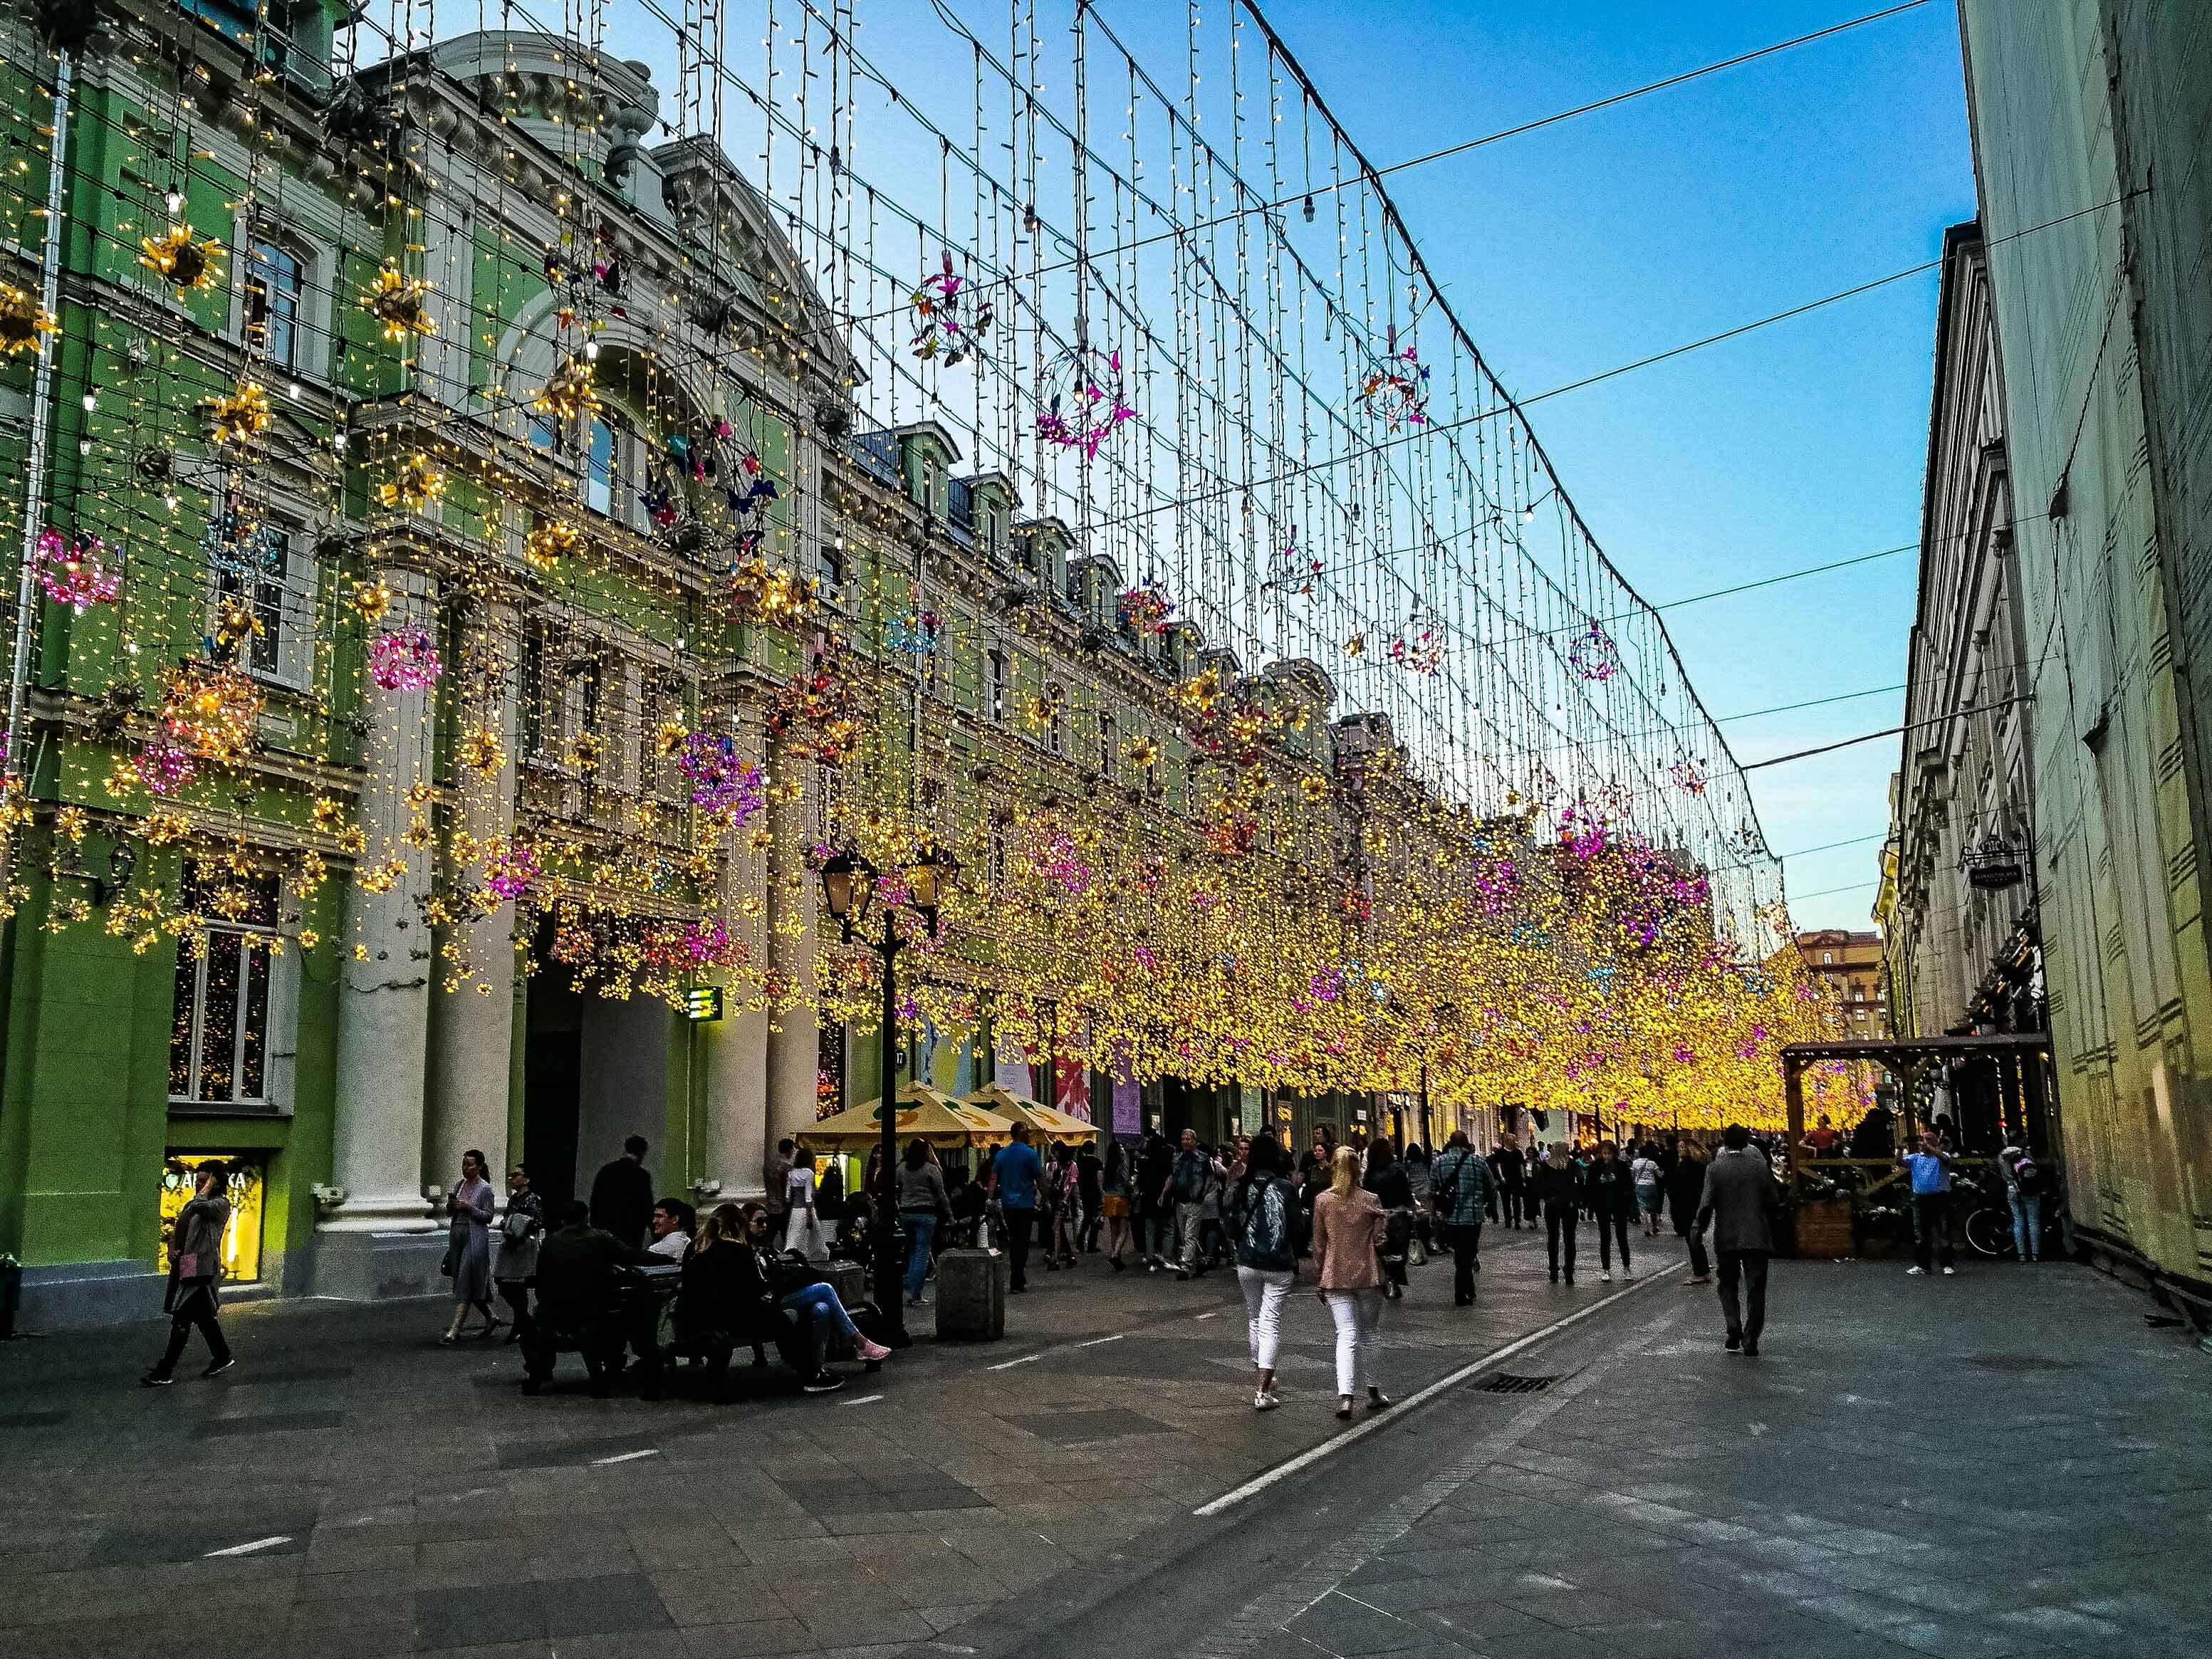 Nikolskaya Street iluminada no coração de Moscou uma das cidades da Rússia para visitar